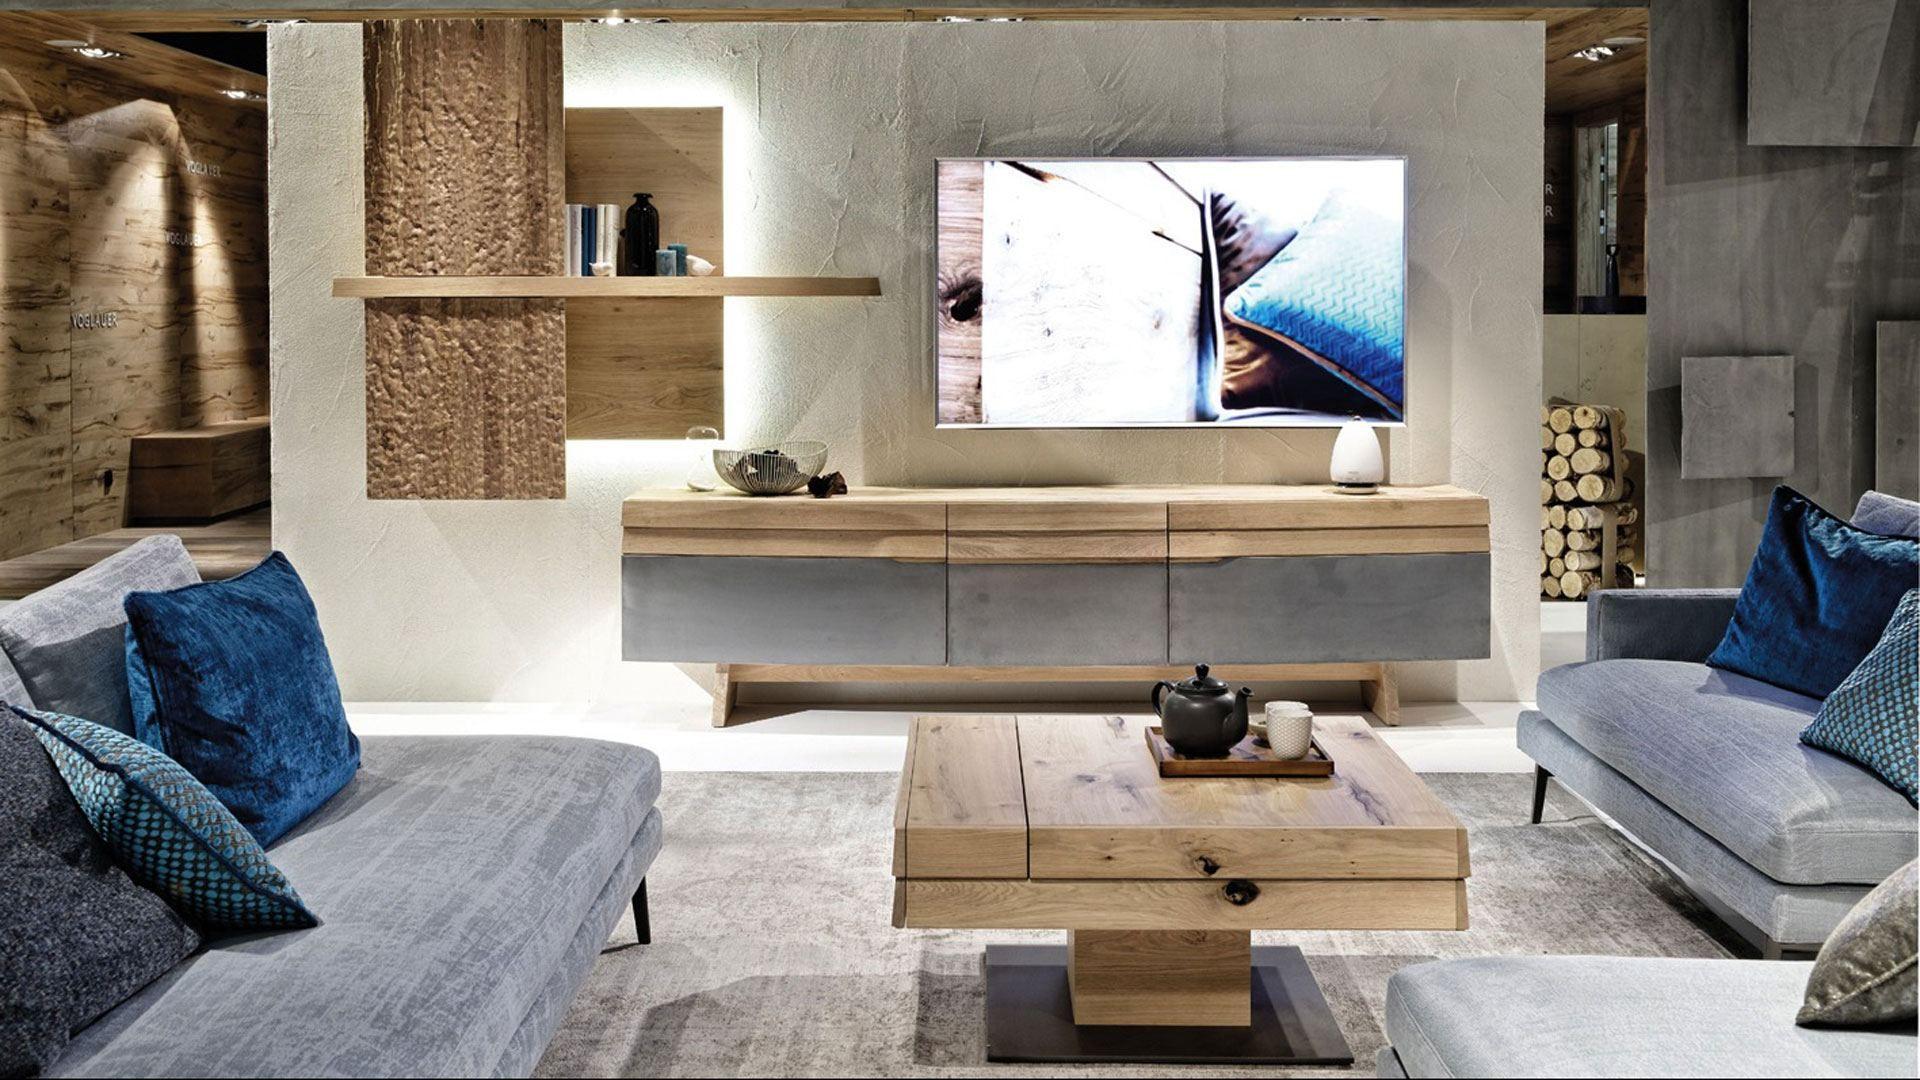 massivholzm bel von natur aus kologisch tv m bel. Black Bedroom Furniture Sets. Home Design Ideas